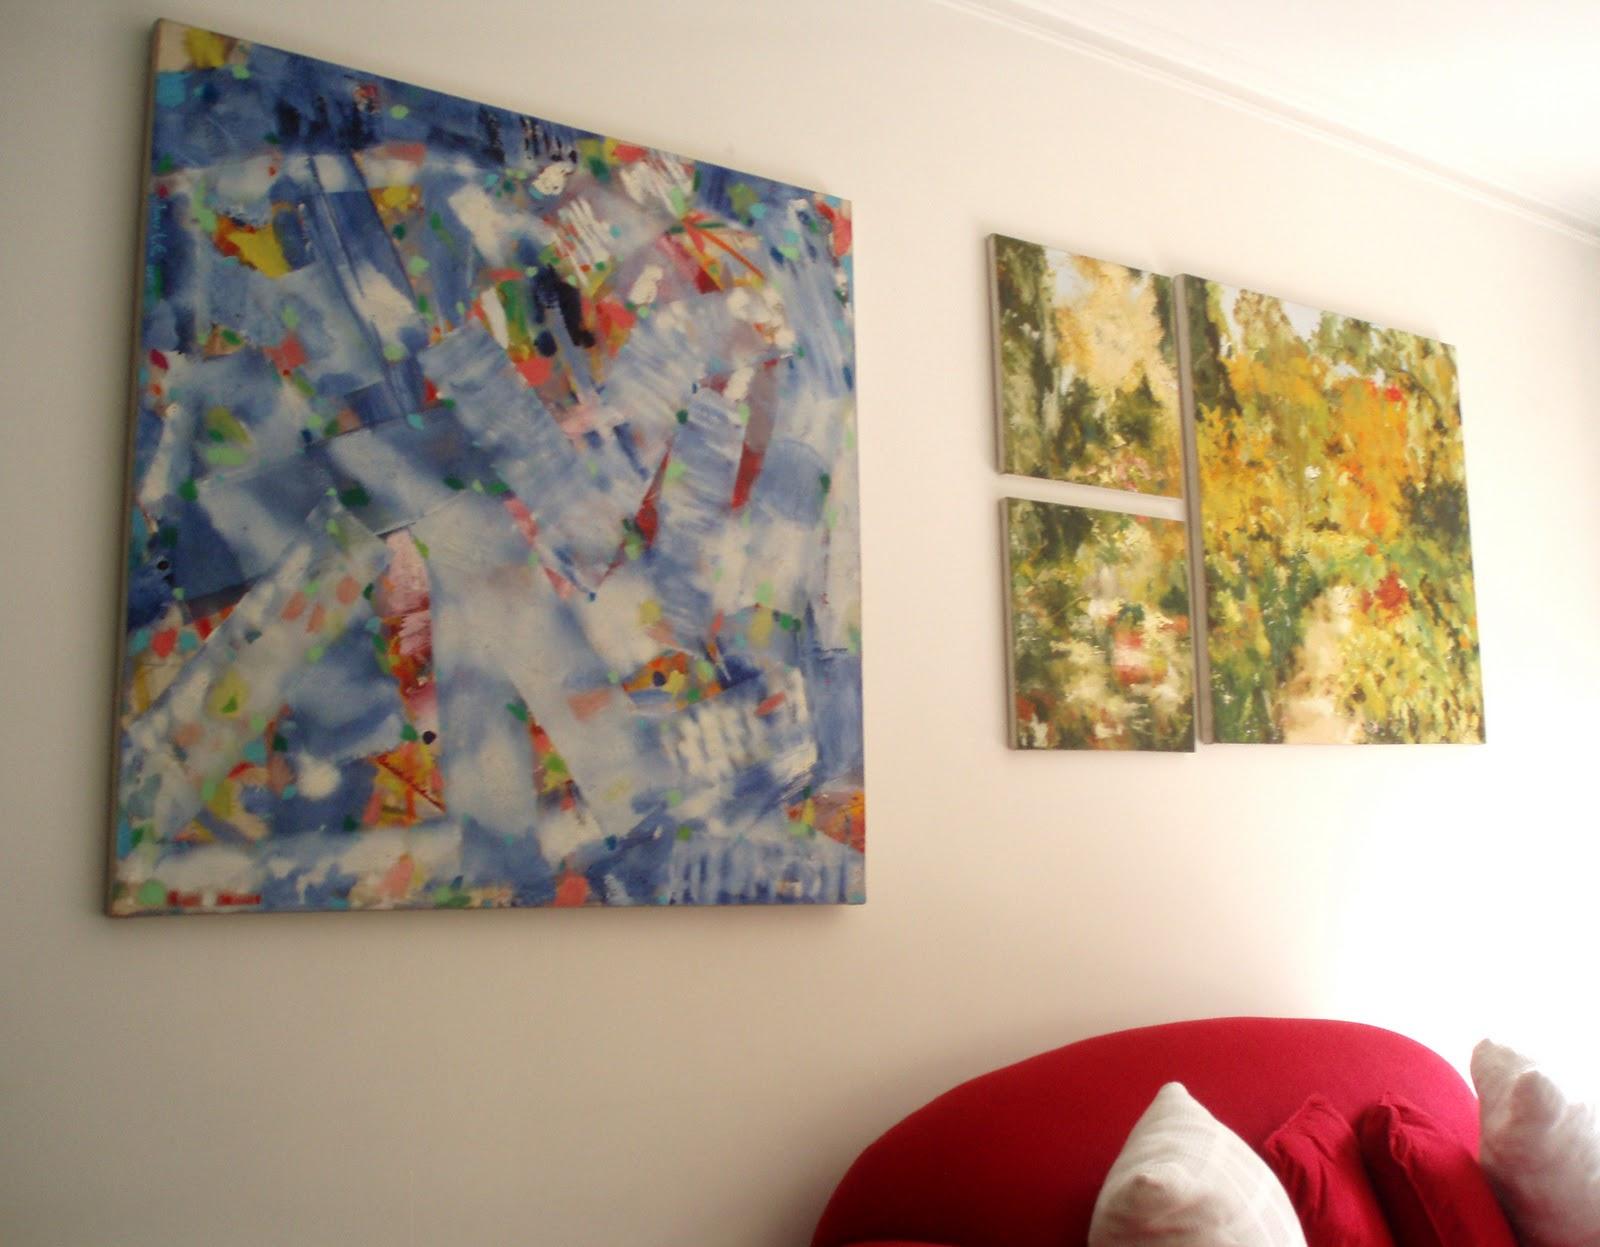 Obras de arte cuadros decorativos pinturas modernas - Cuadros decorativos para habitaciones ...